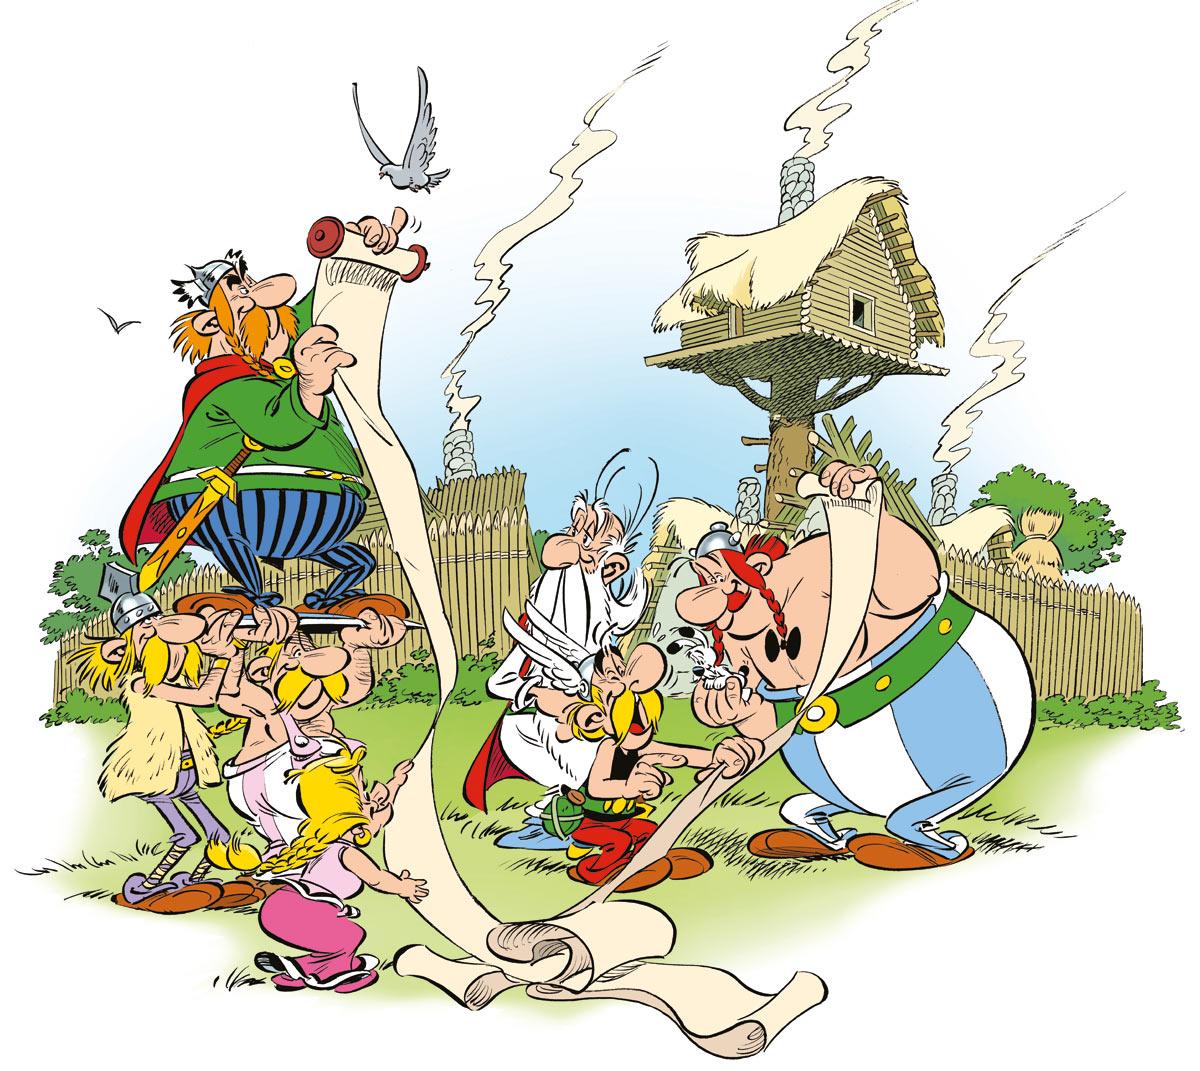 [Análise Retro Game] - Asterix O Desafio de Cesar - PC Asterix_papiro2